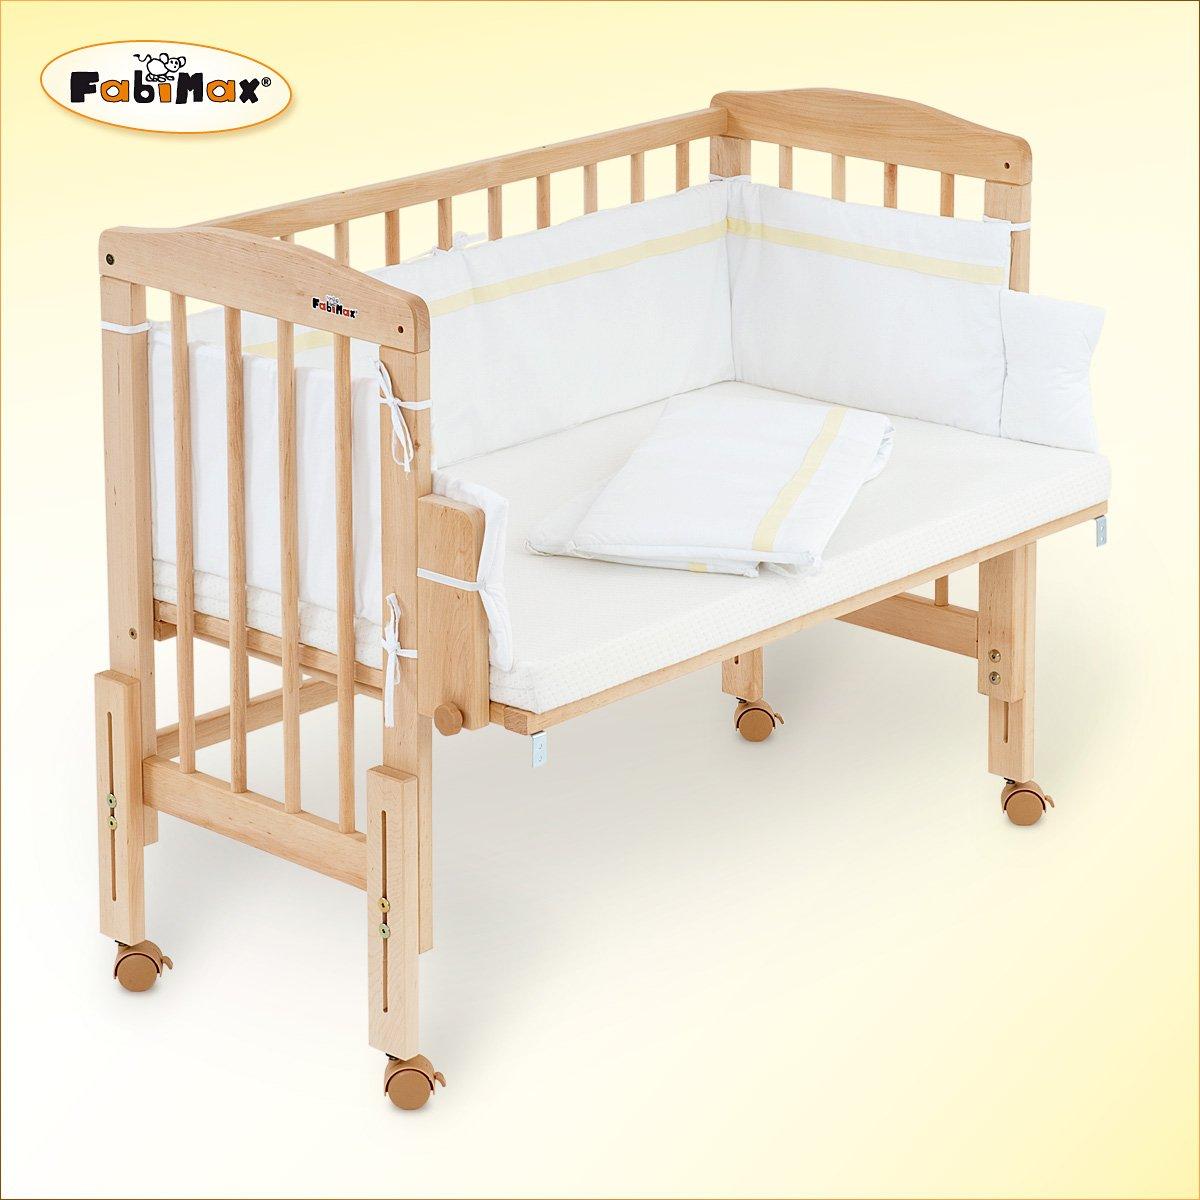 Fabimax–Lettino Pro con materasso comfort e paracolpi, piccole stelle, bianco FabiMax GmbH